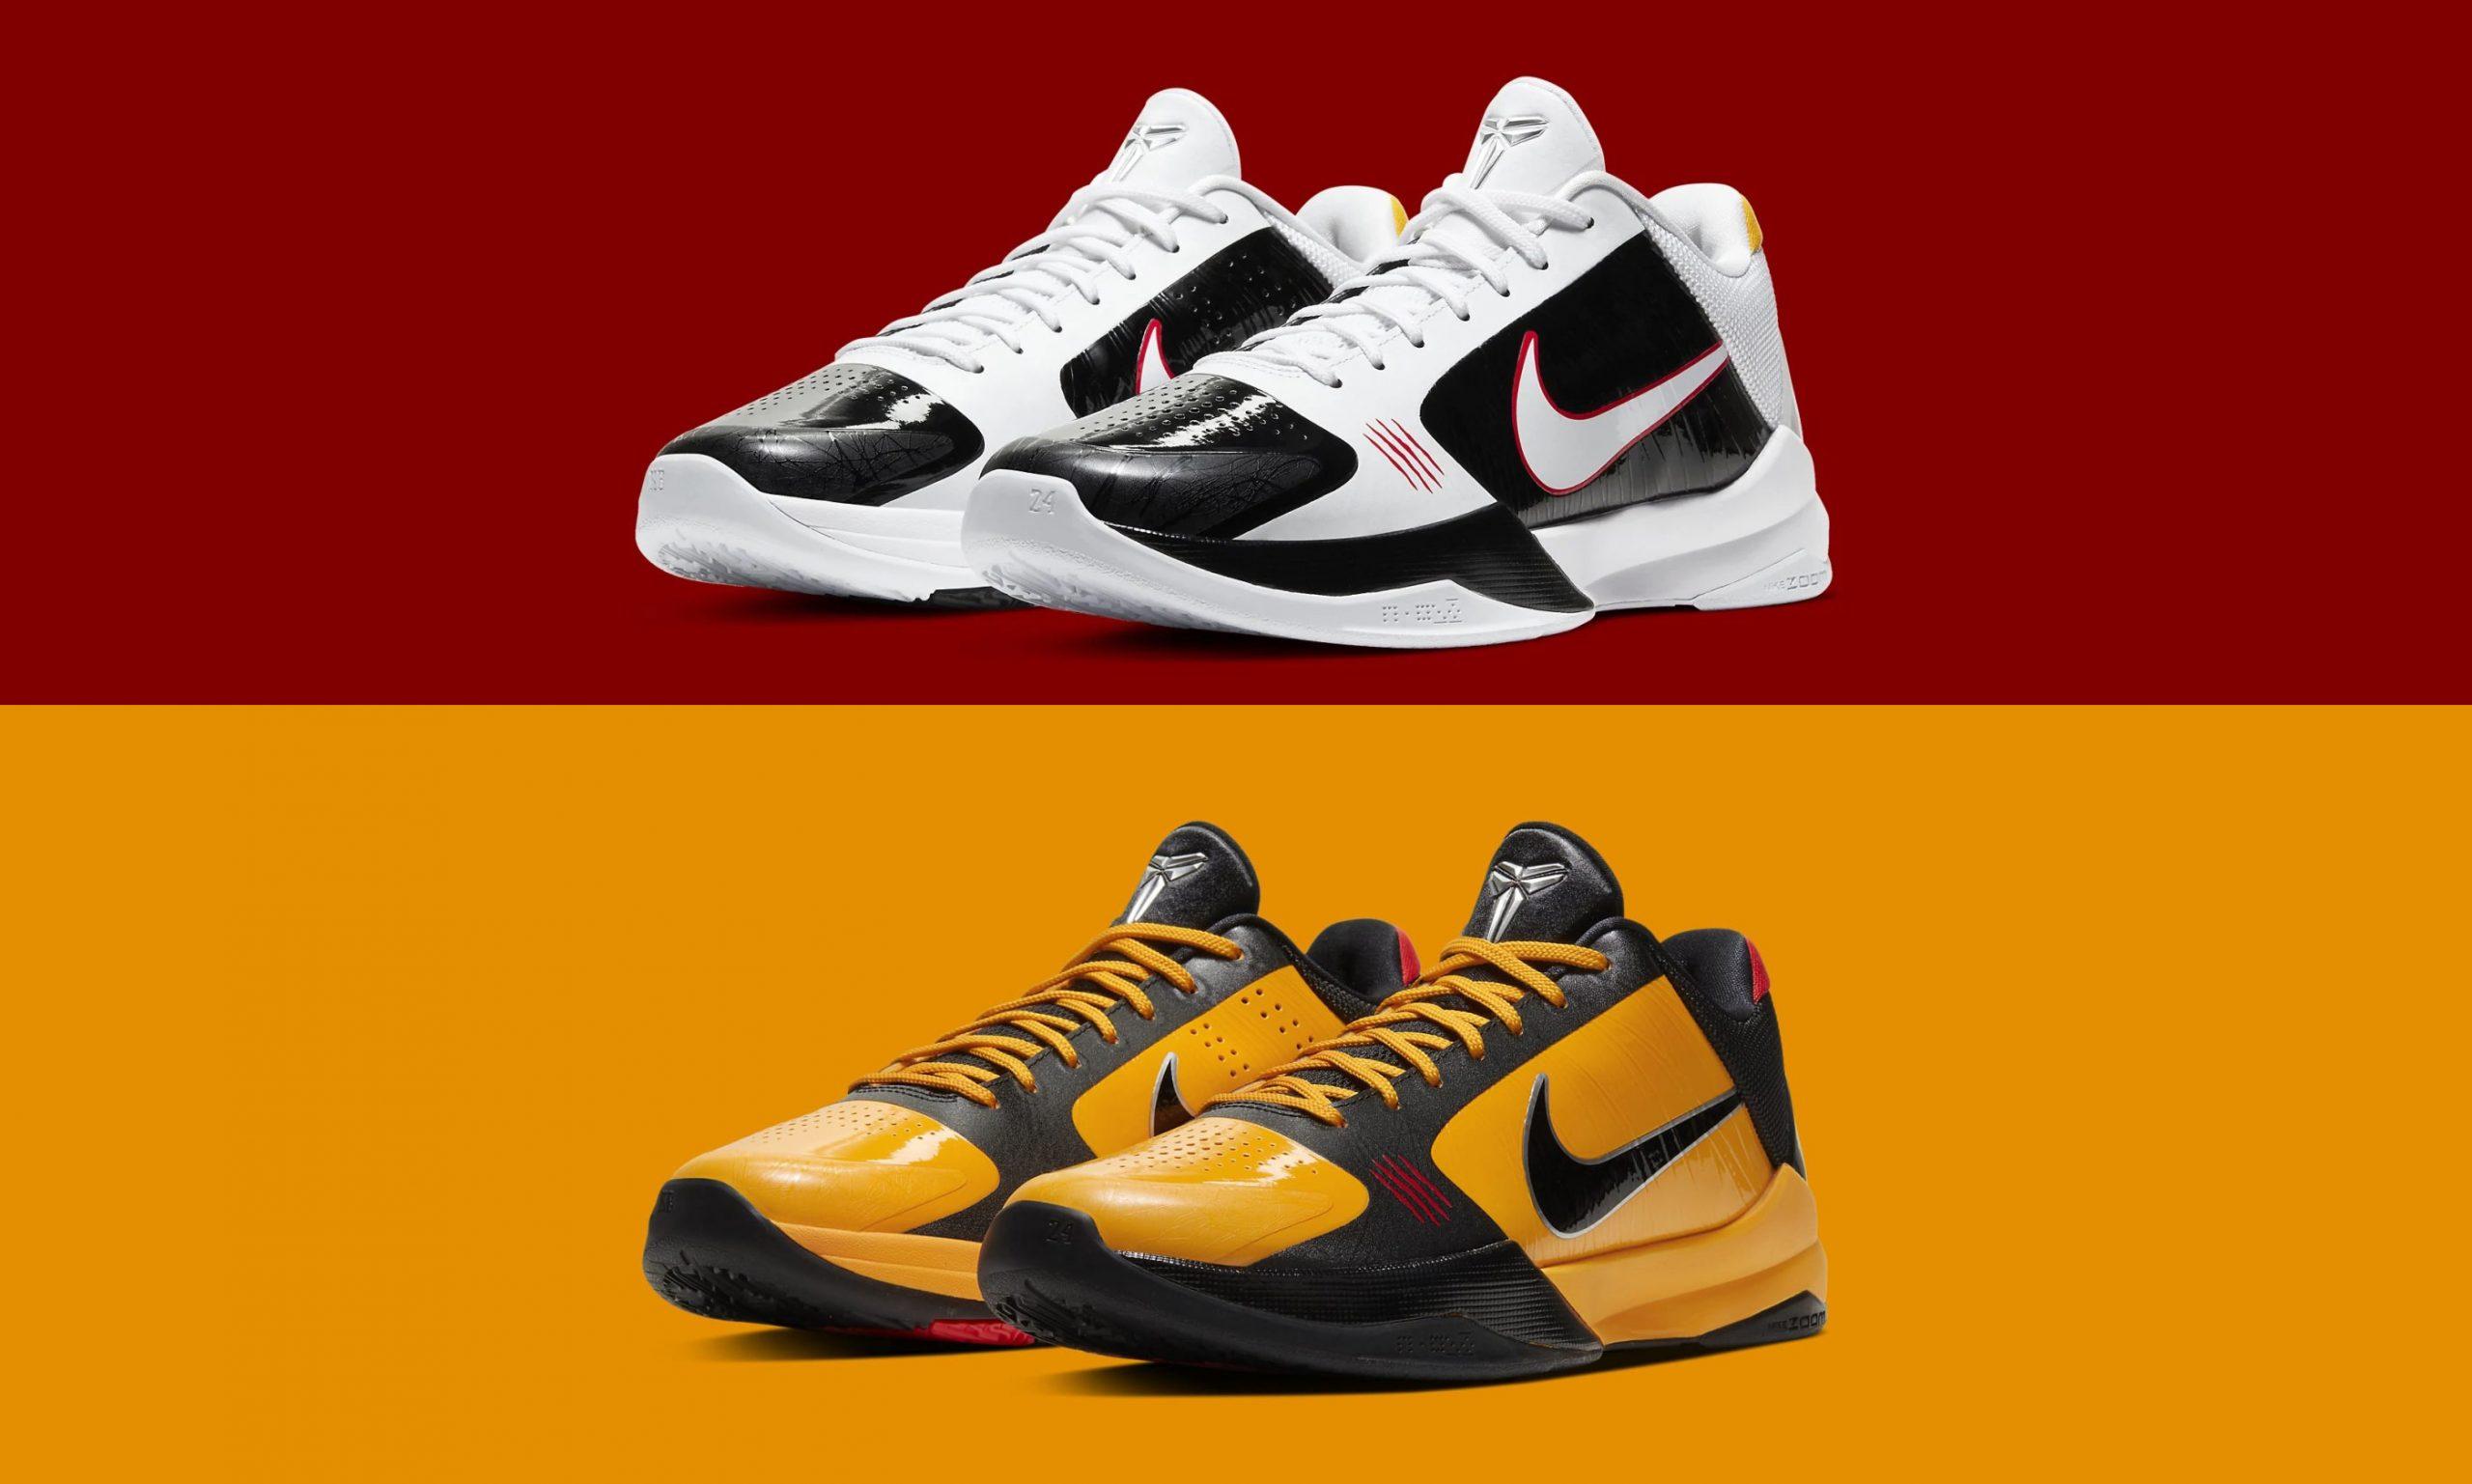 Nike Kobe 5 Protro「李小龙」配色系列官方图片释出